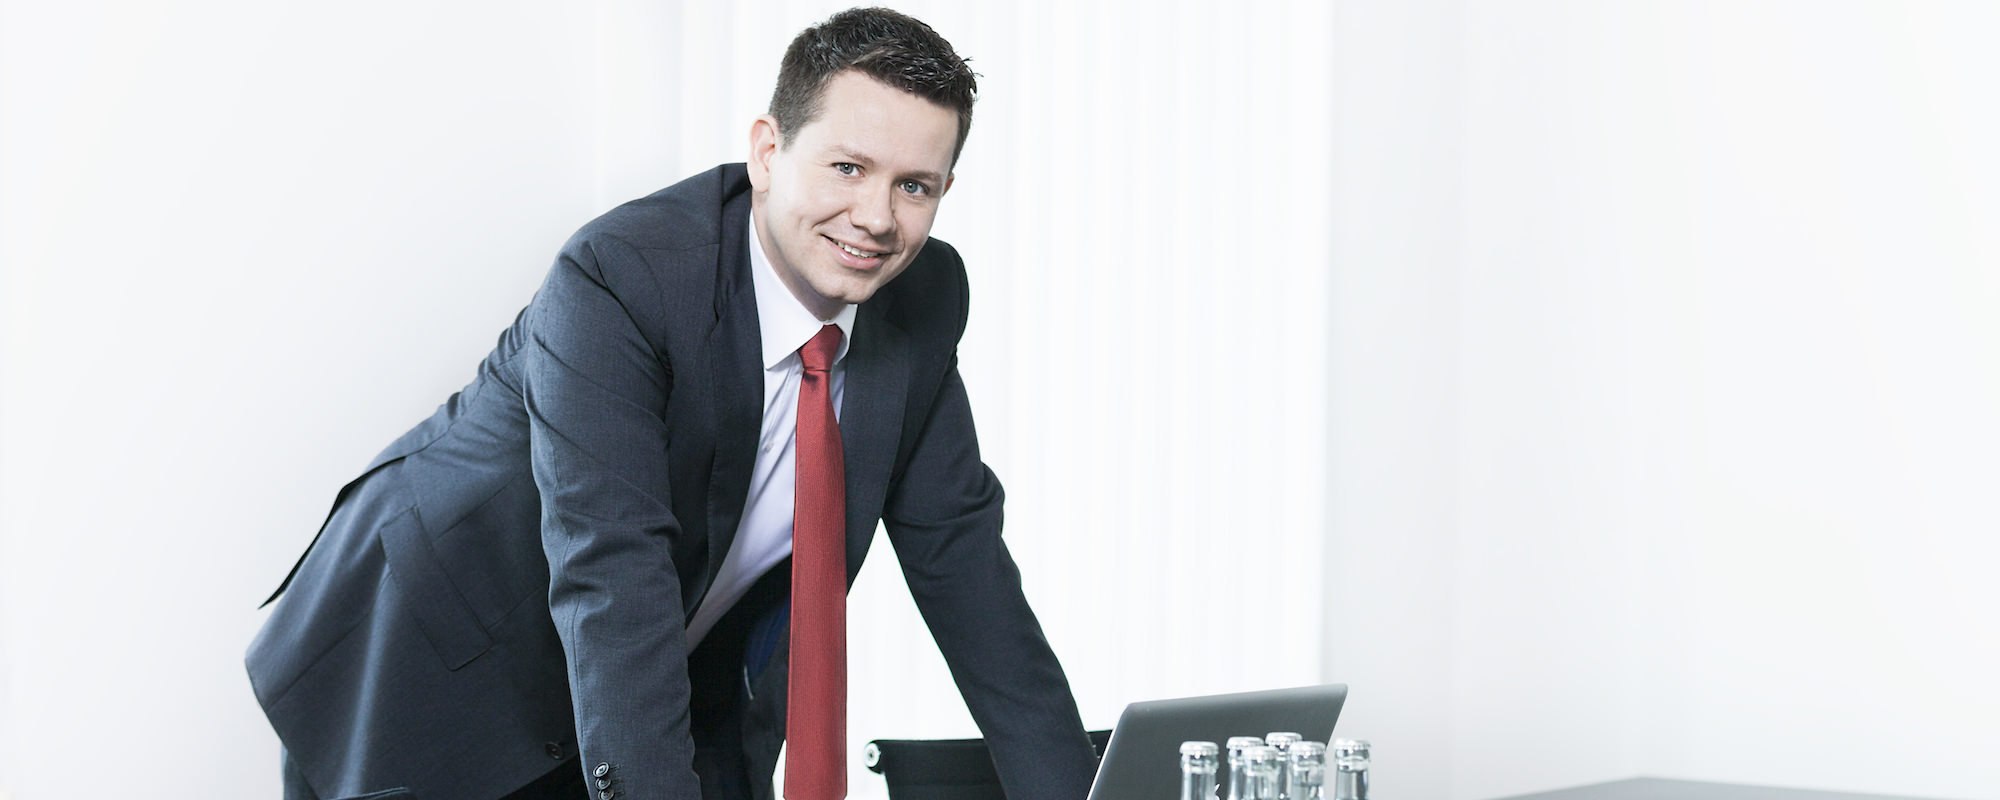 Michael Neugebauer